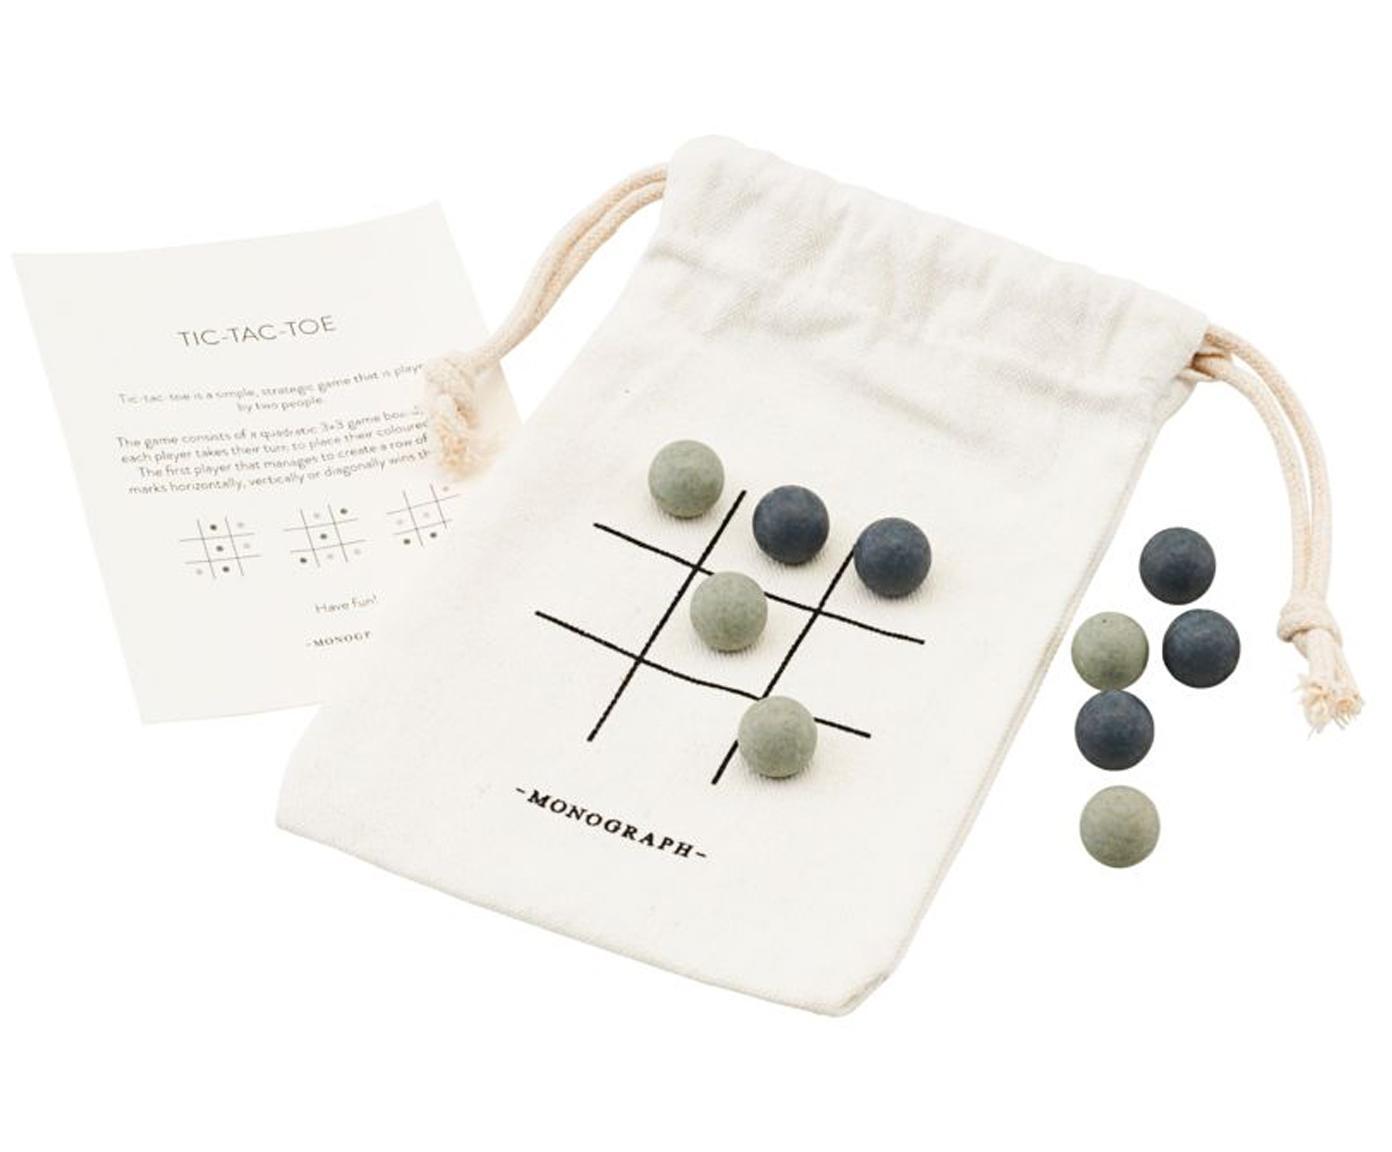 Gra planszowa Tic Tac Toe, 10 elem., Tkanina, drewno naturalne, Wielobarwny, S 10 x W 12 cm